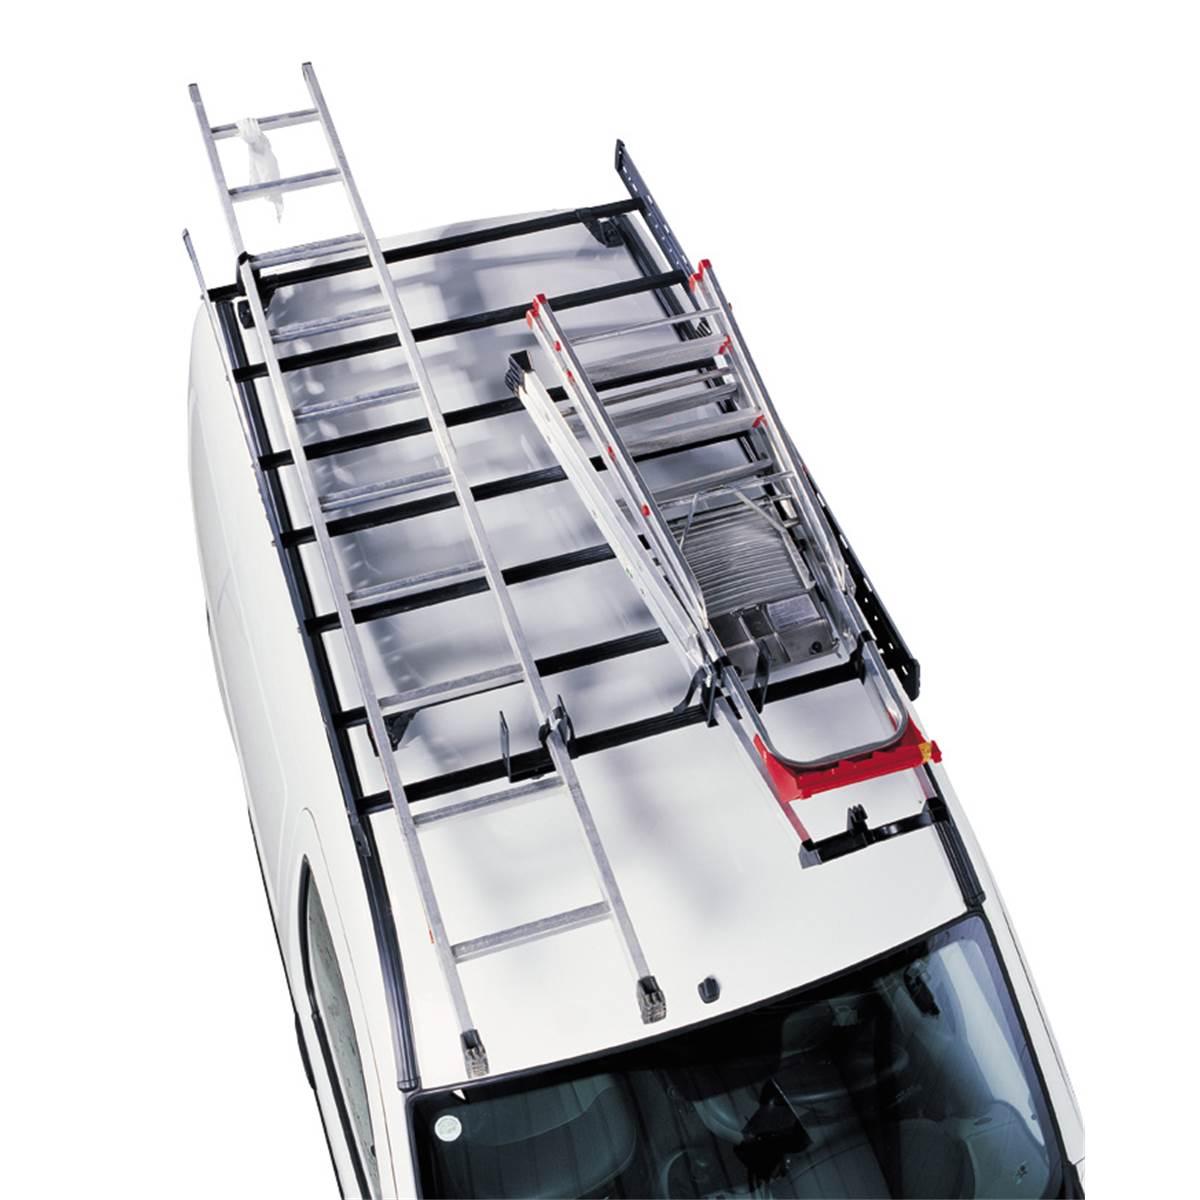 Galerie pour véhicule utilitaire PRO DECK MONT BLANC 612